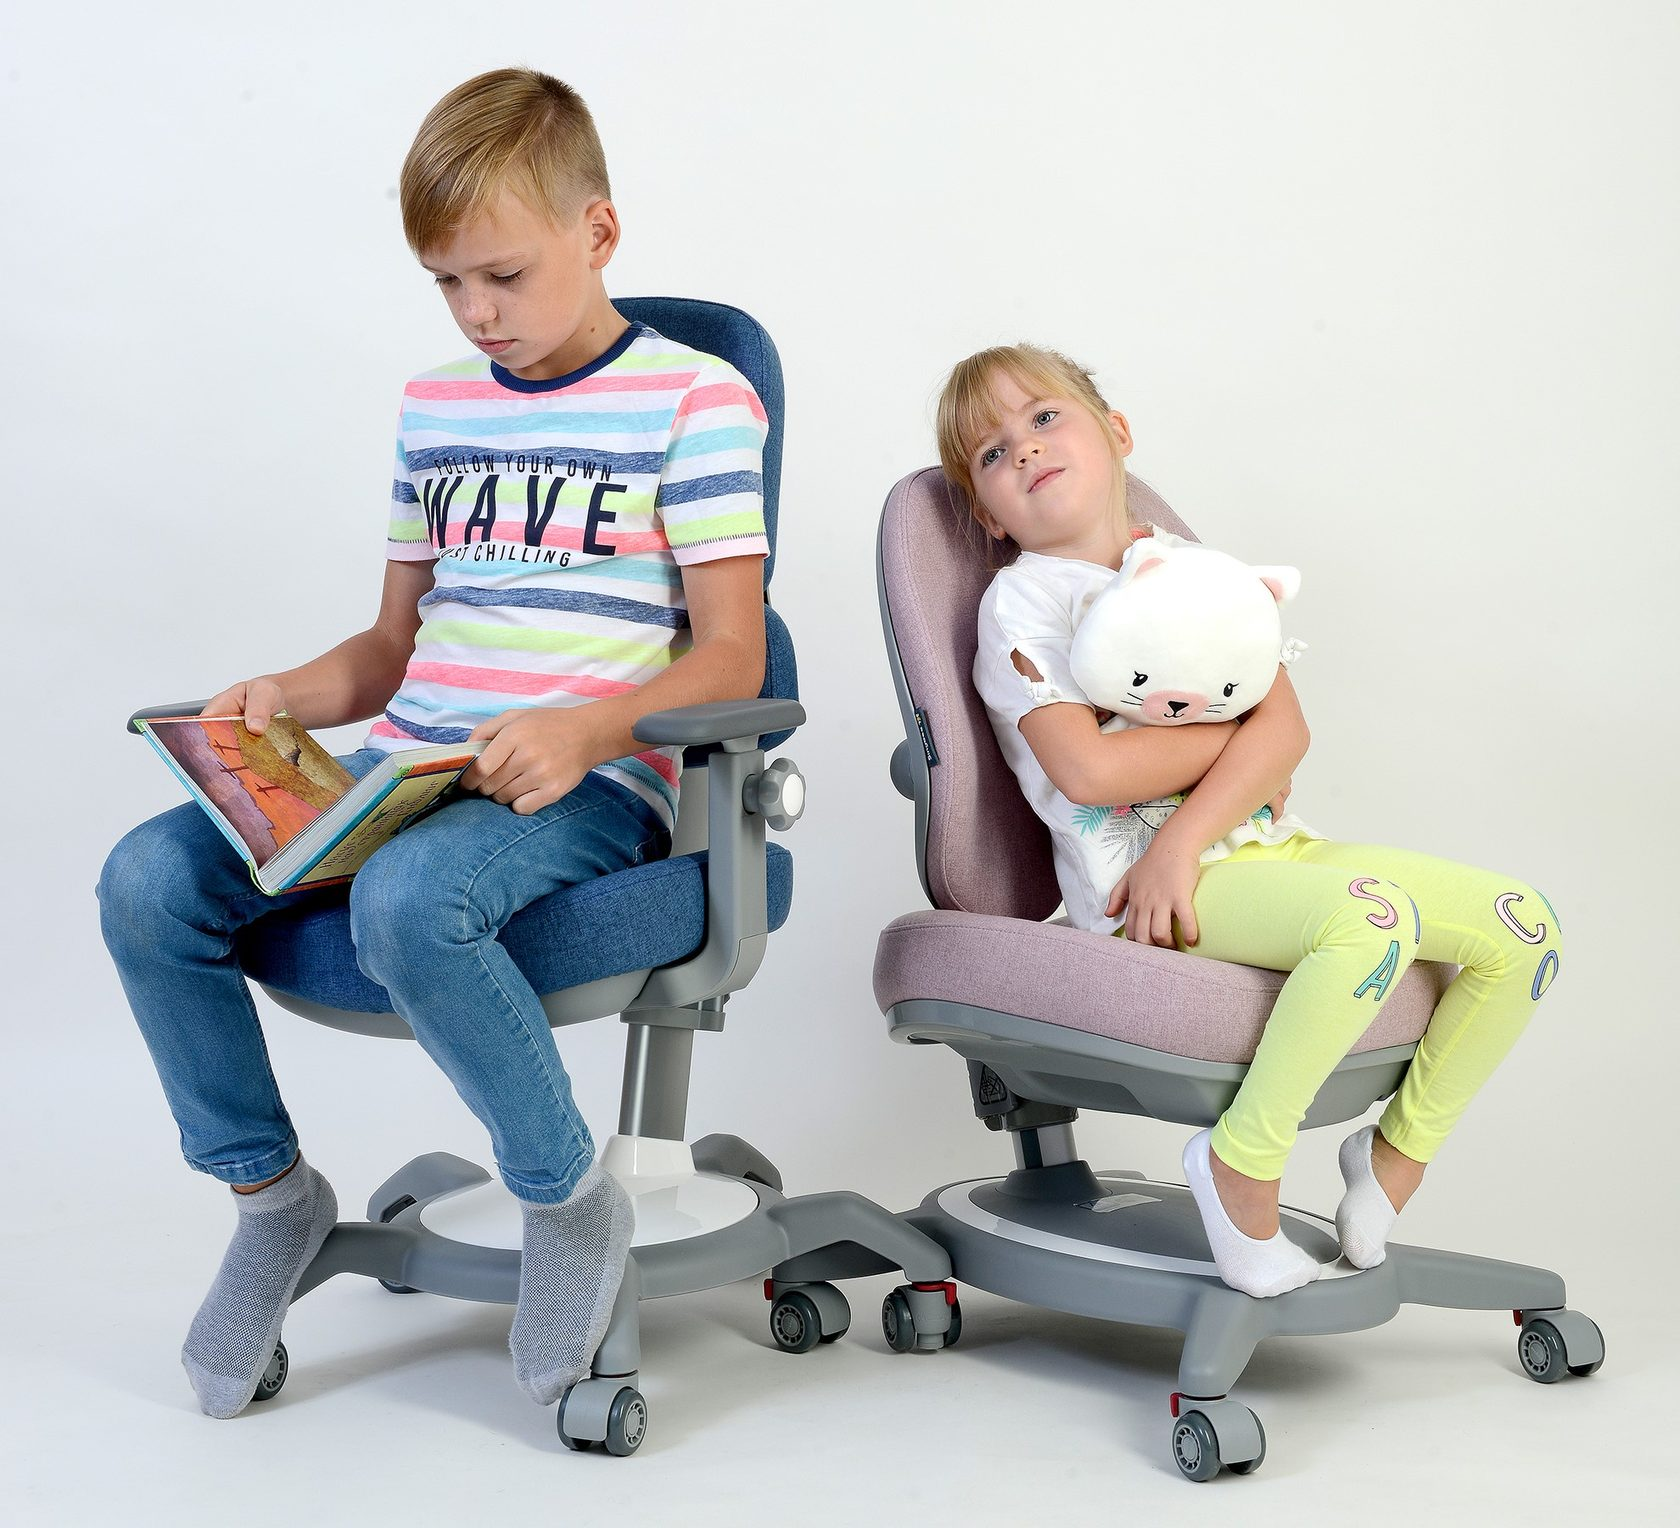 singbee sing bee 142 132 ортопедическое кресло для ребенка правильная осанка здоровье детей